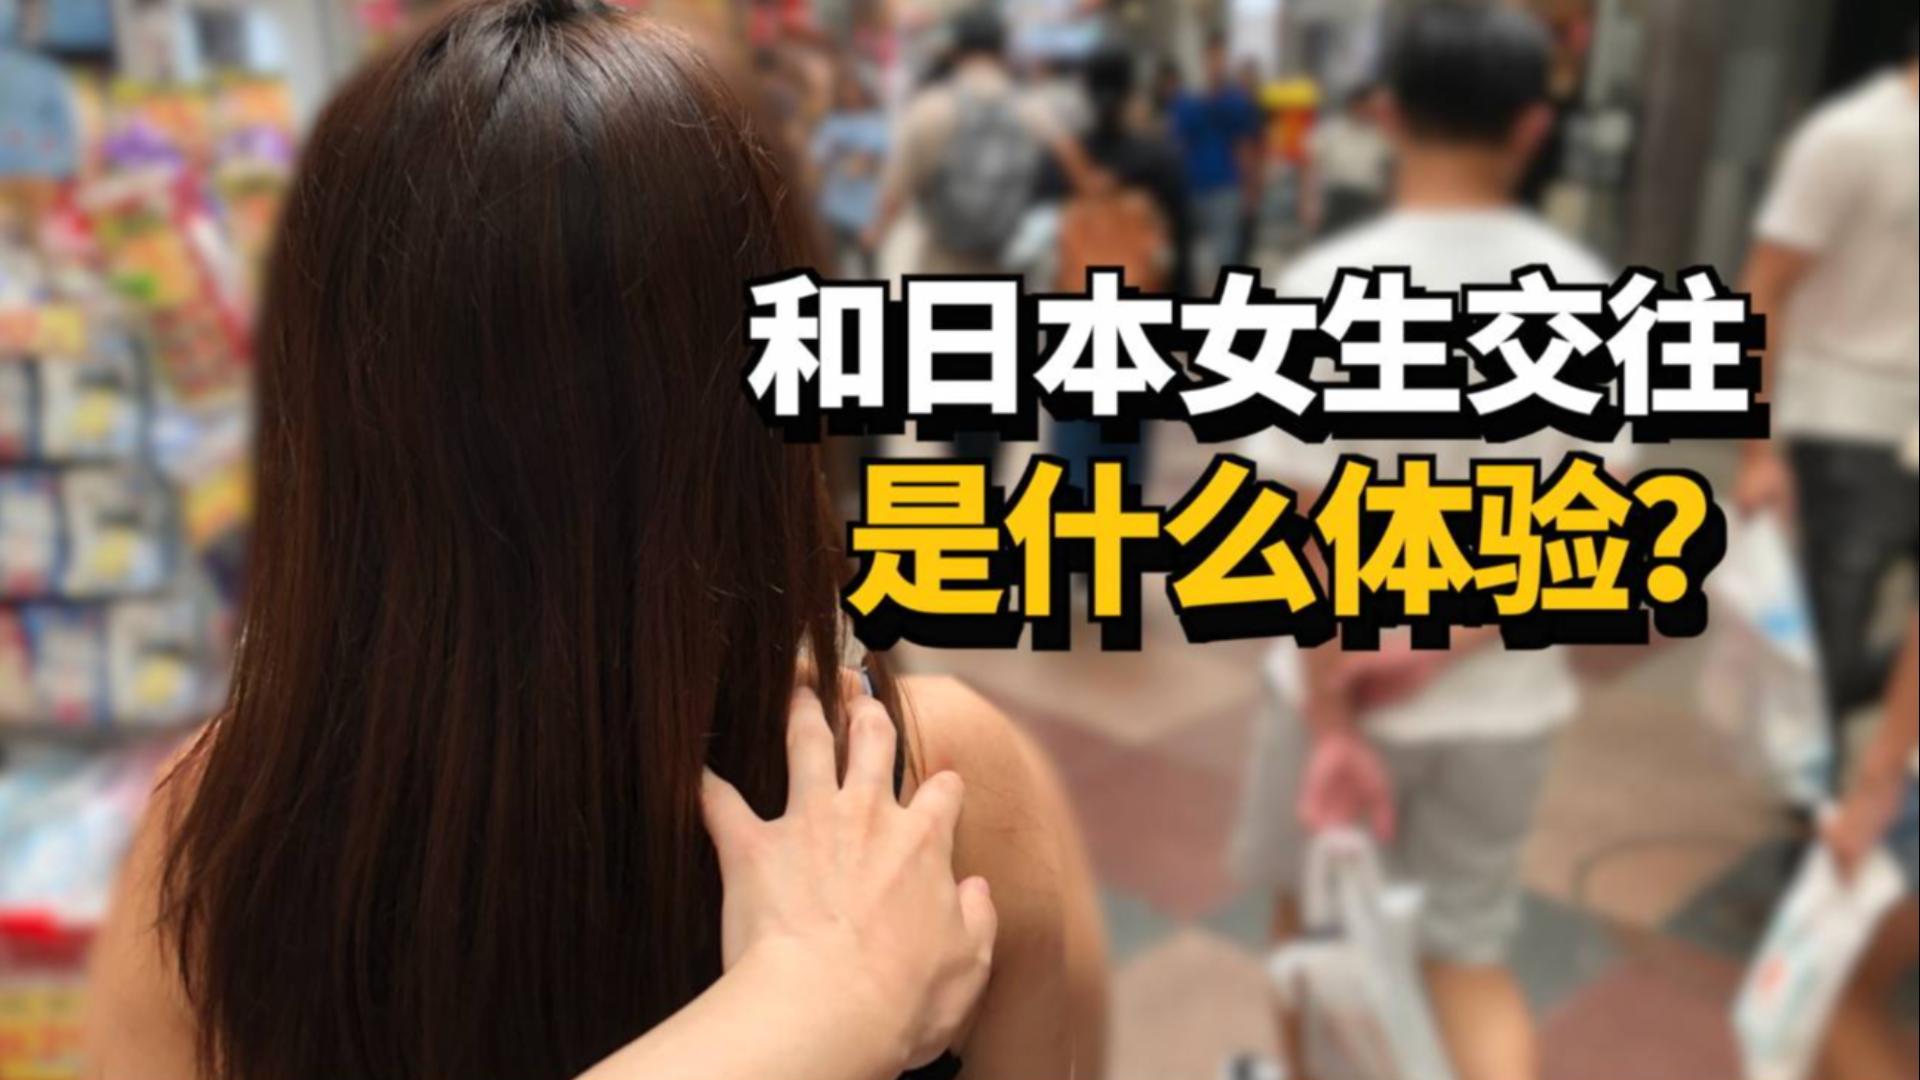 中国小伙和日本女生交往后说,这种女生谁受得了...!